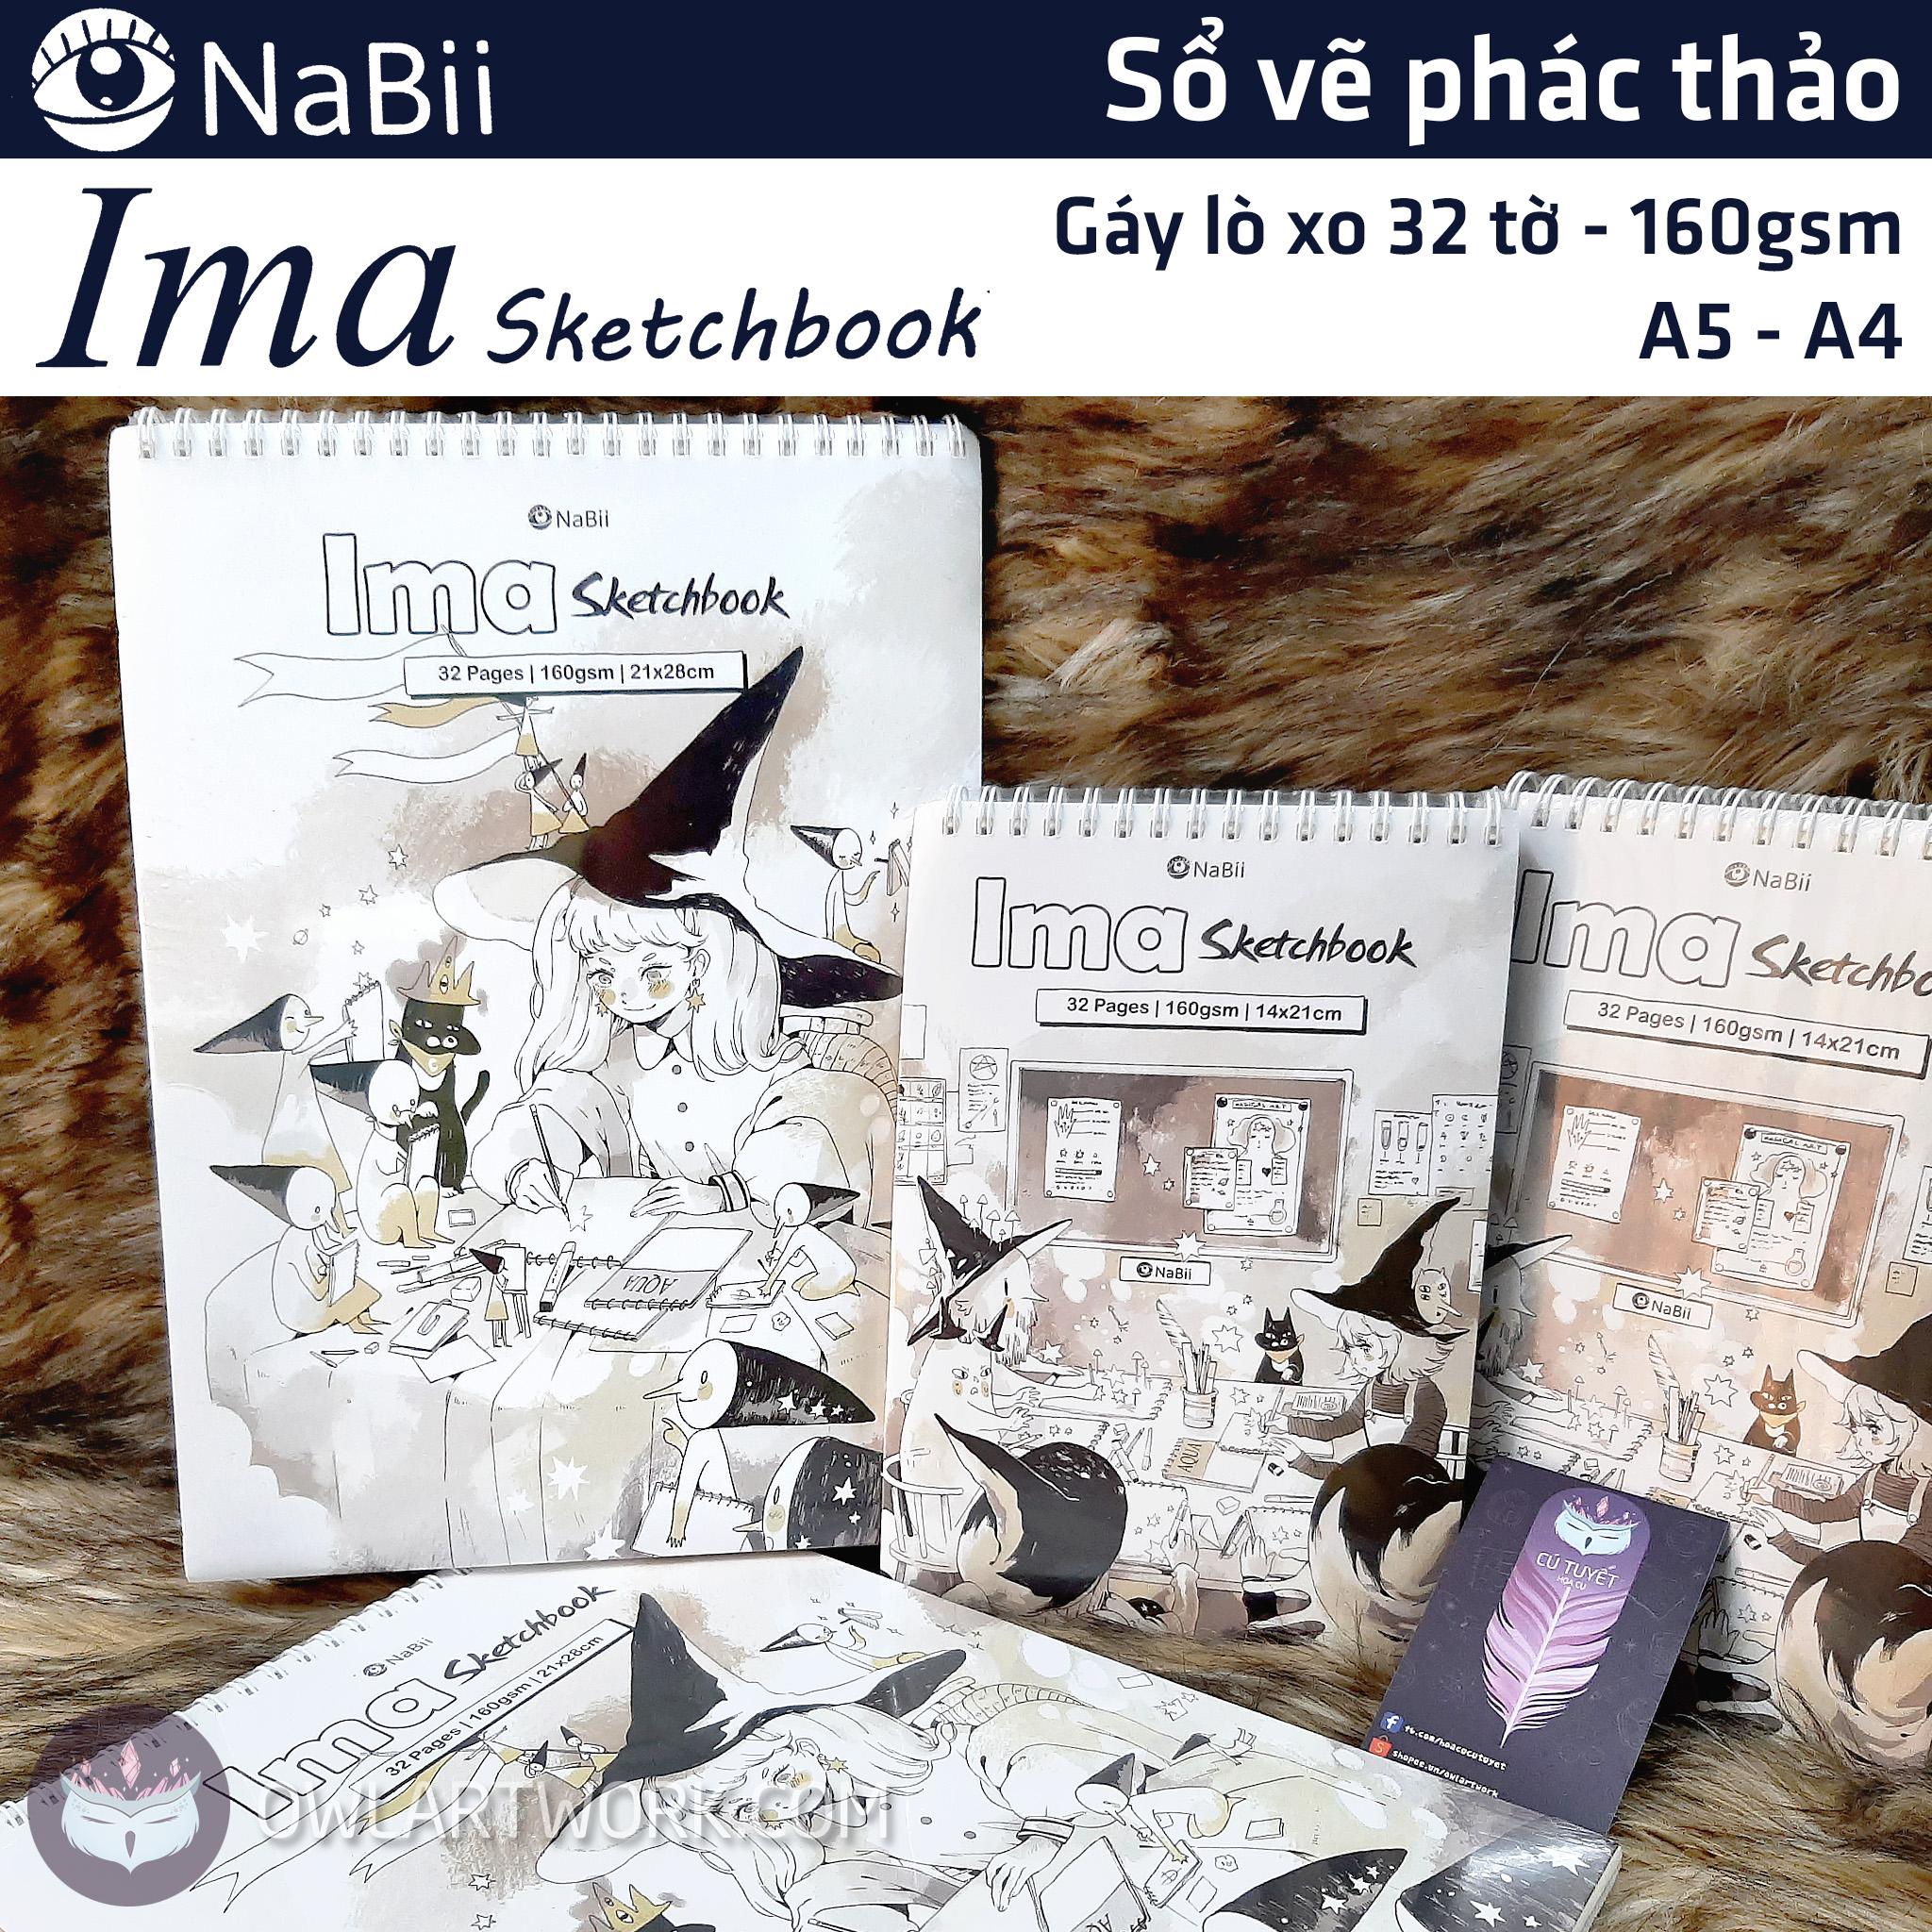 Sổ vẽ phác thảo giấy NaBii Ima Sketchbook 160gsm 32 tờ giấy chịu nước tốt thiết kế dạng xoắn gáy tiện lợn